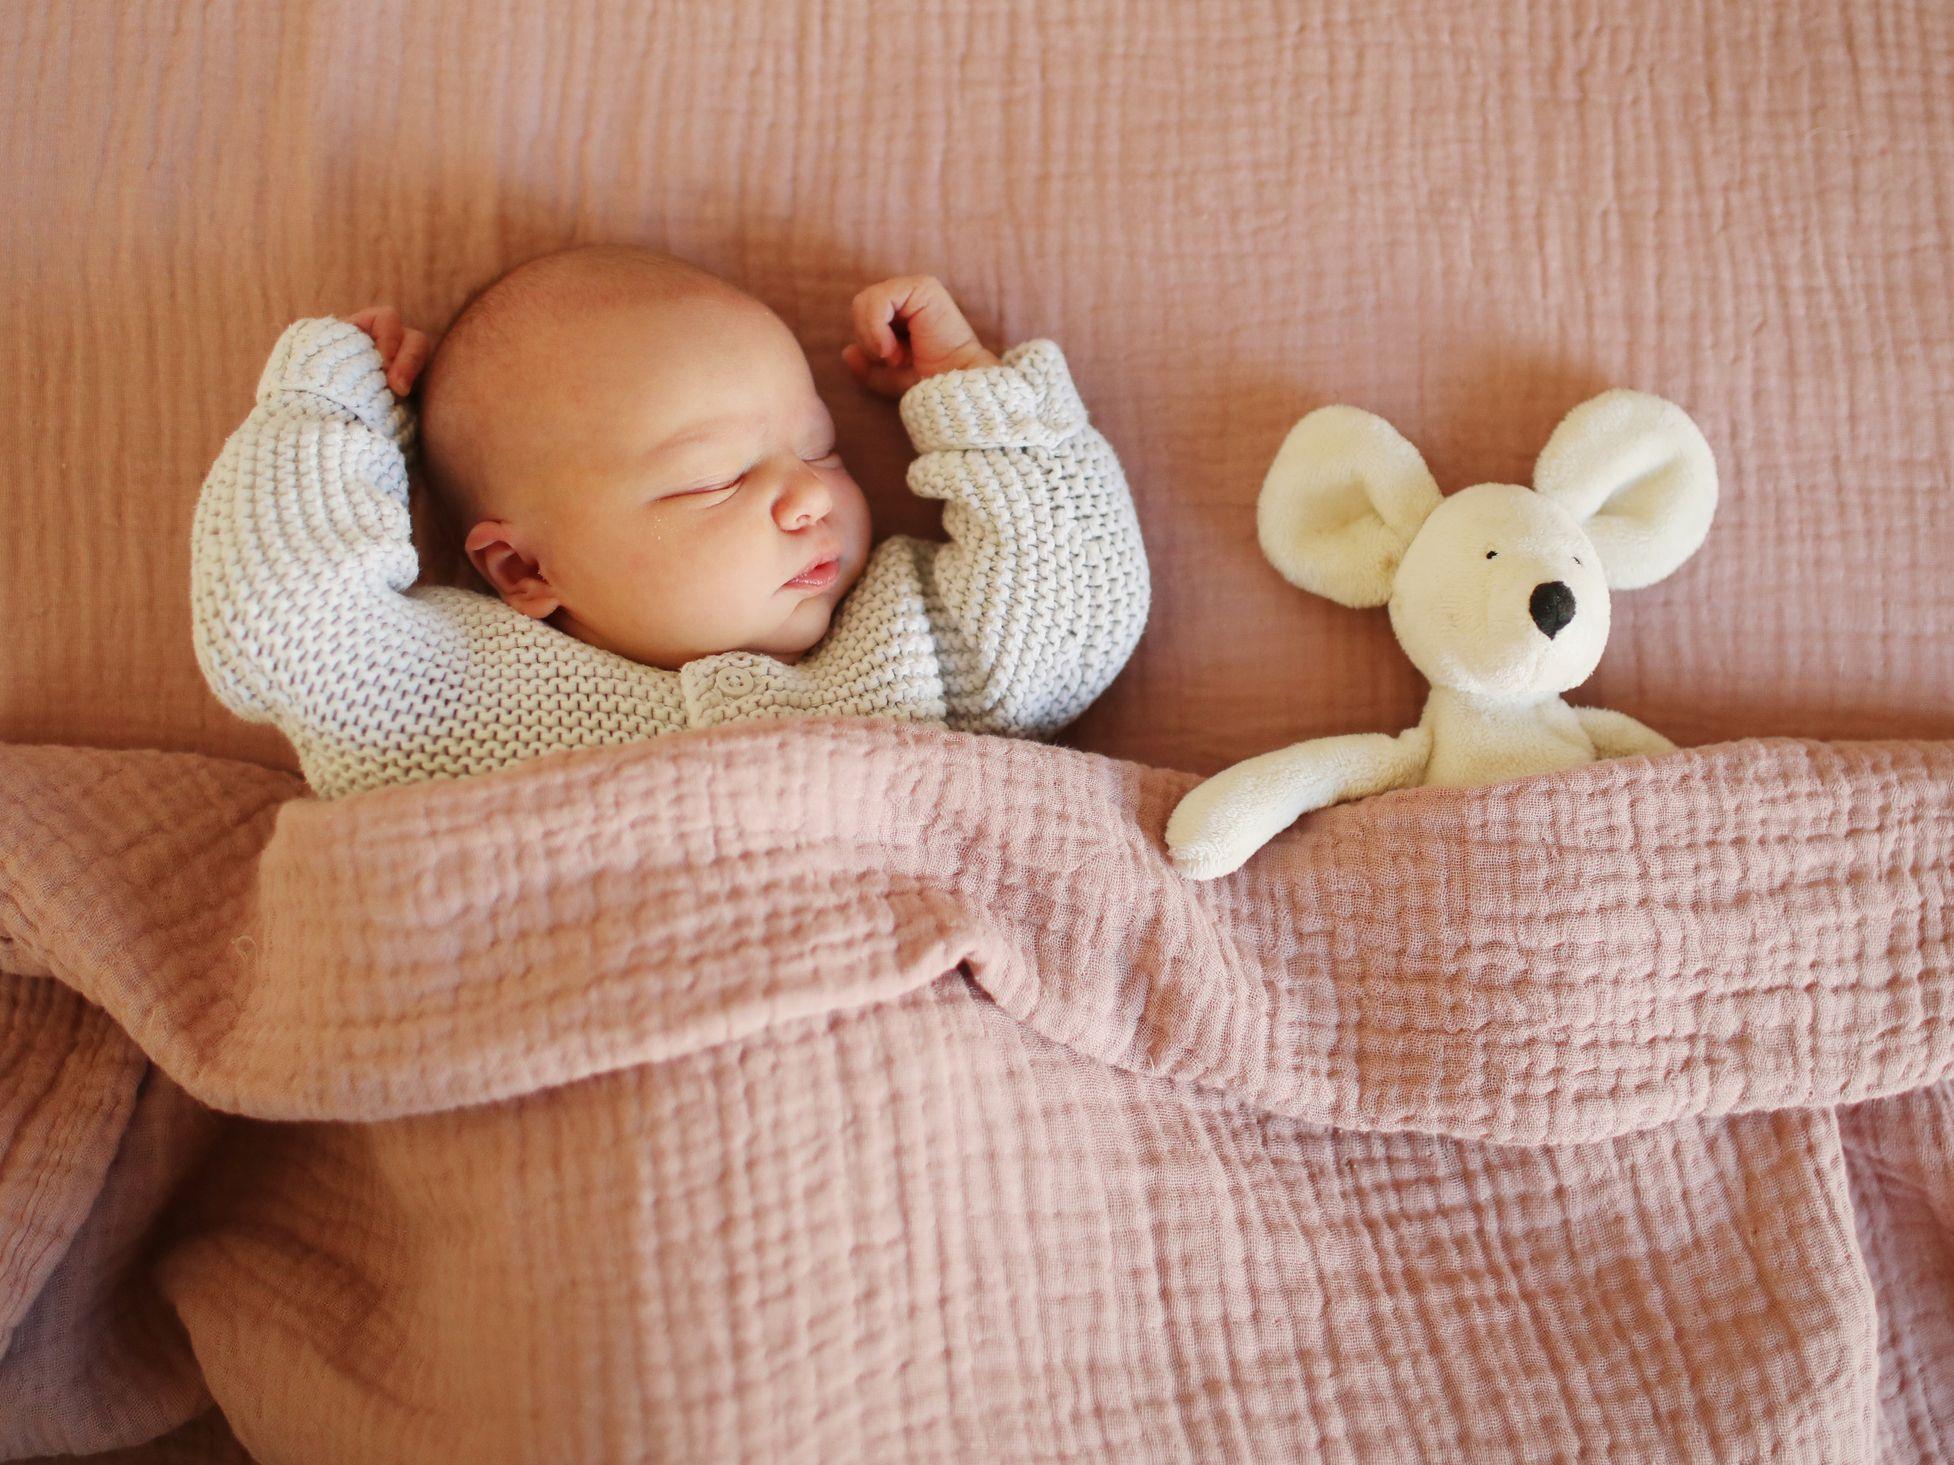 Frasi Per La Nascita Come Fare I Migliori Auguri